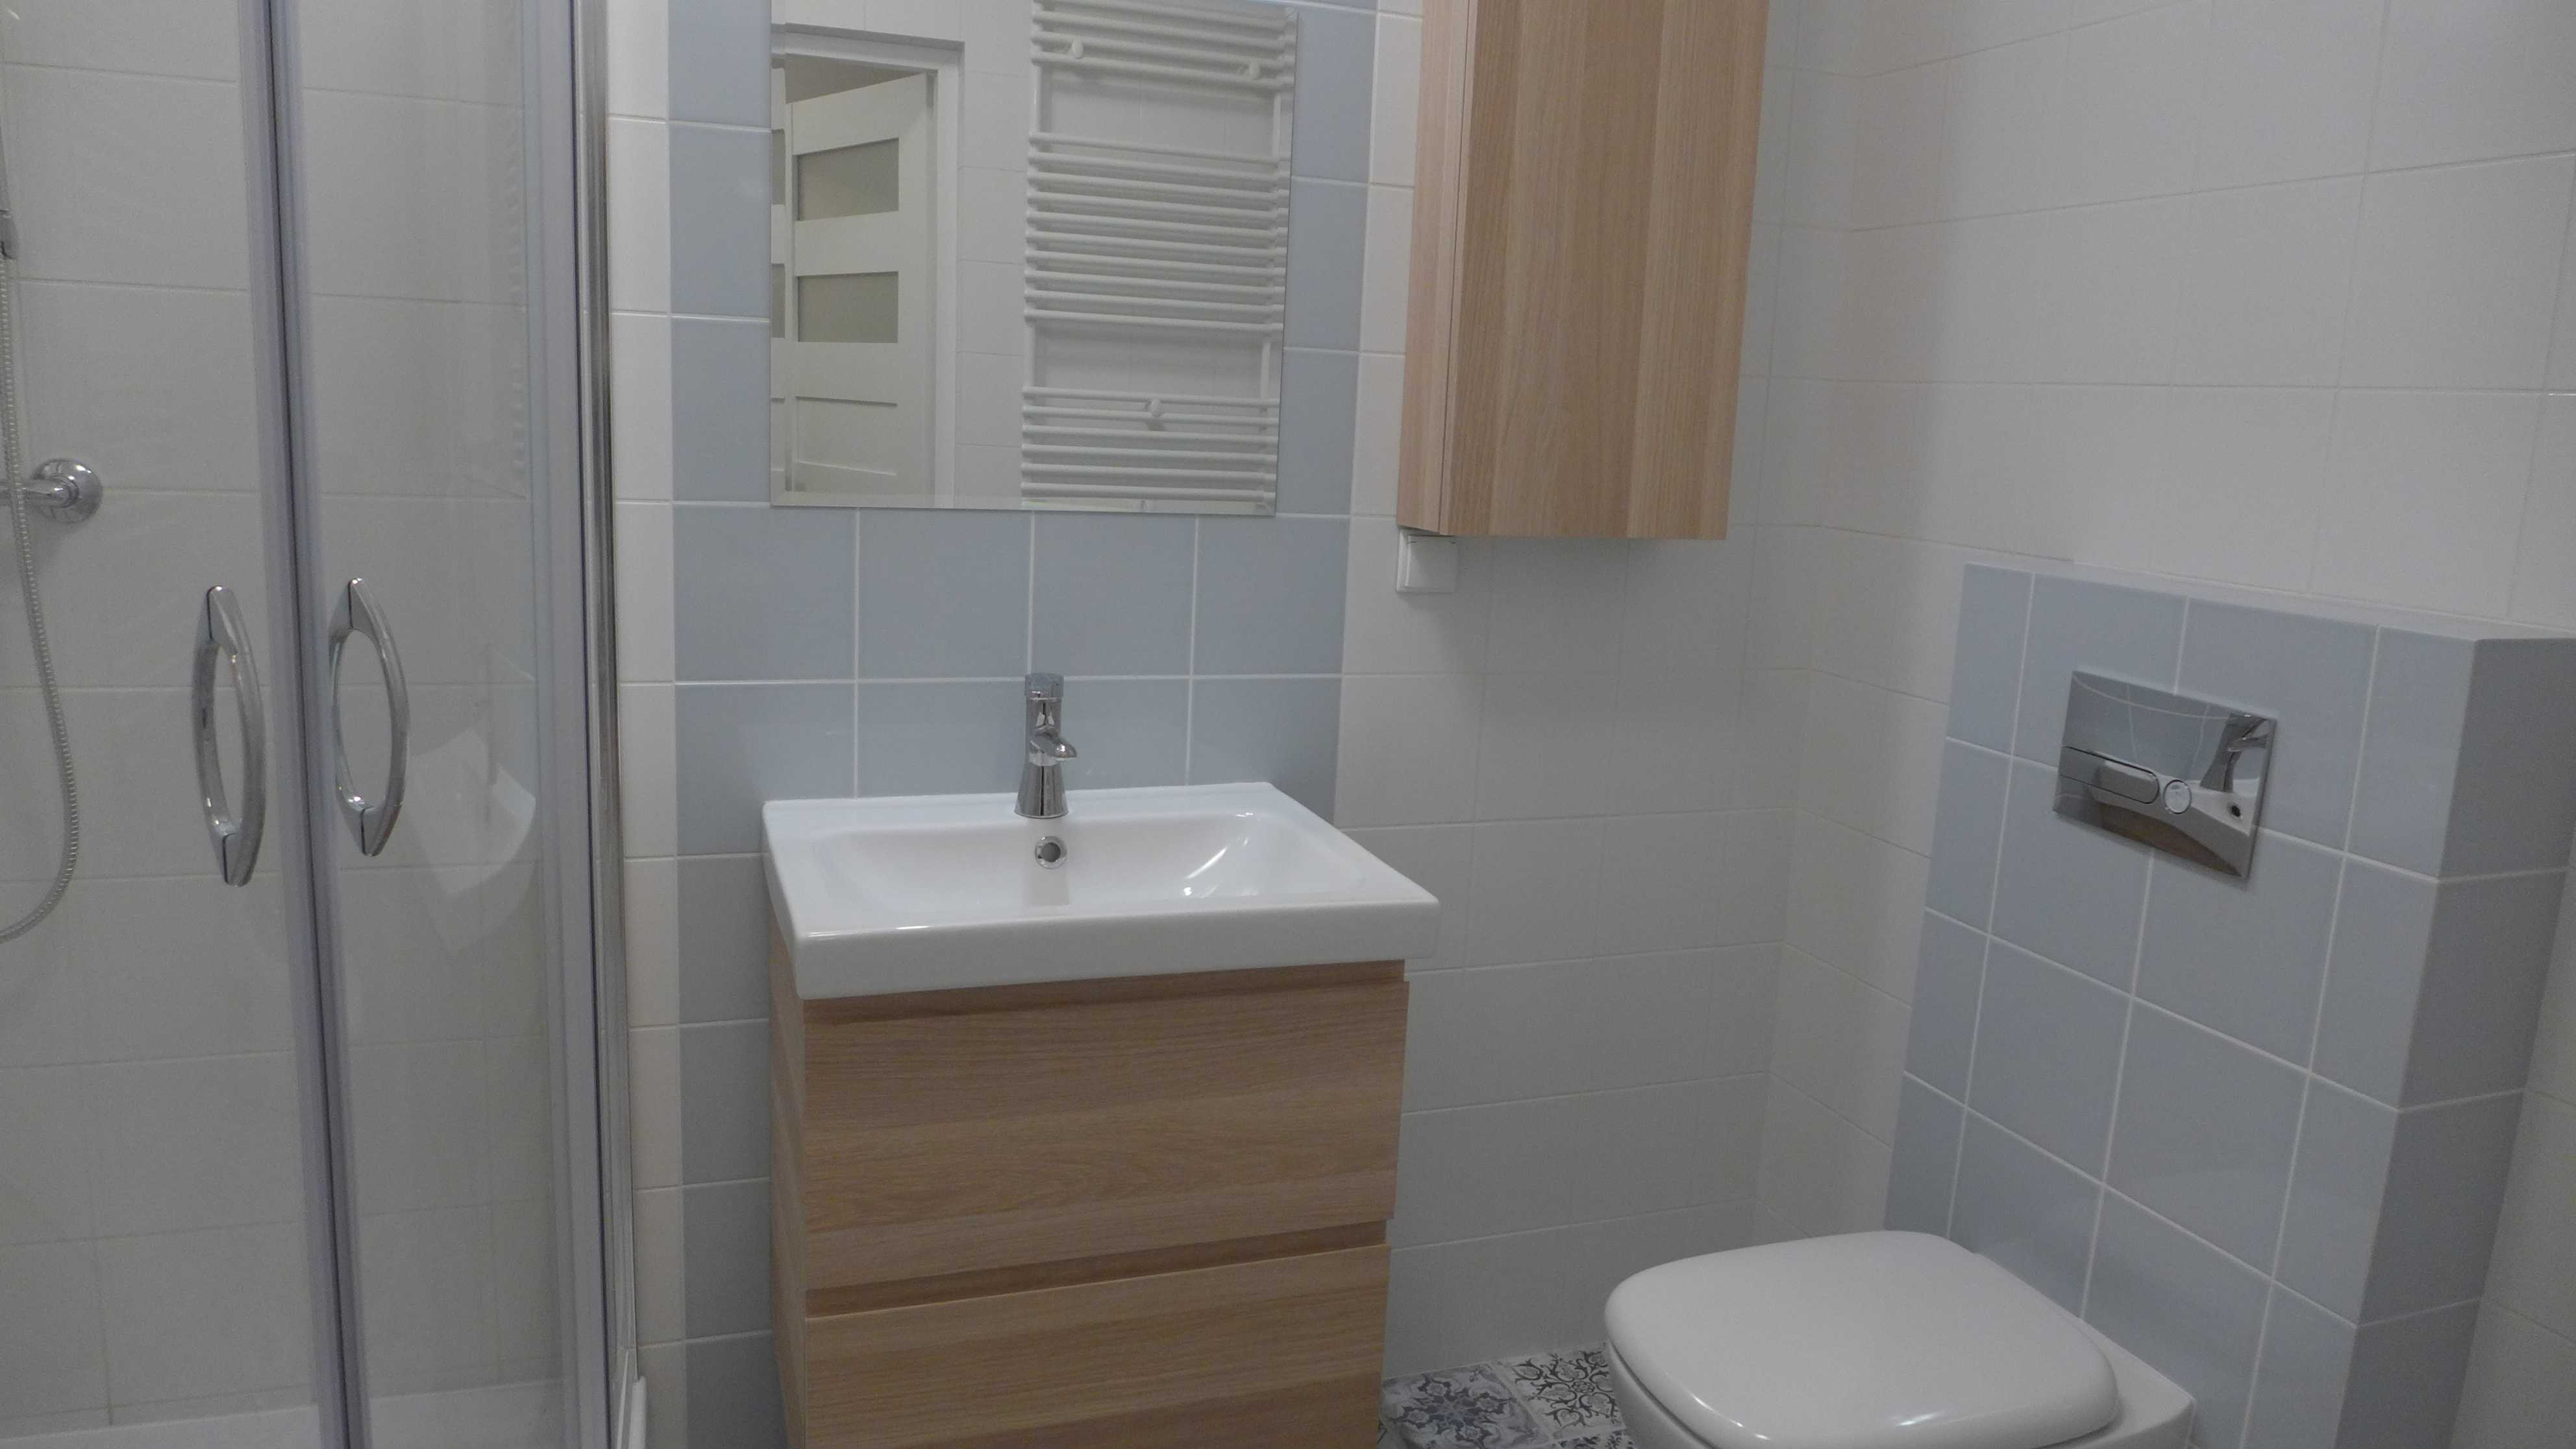 Gruntowny Remont łazienki Prace Przygotowawcze